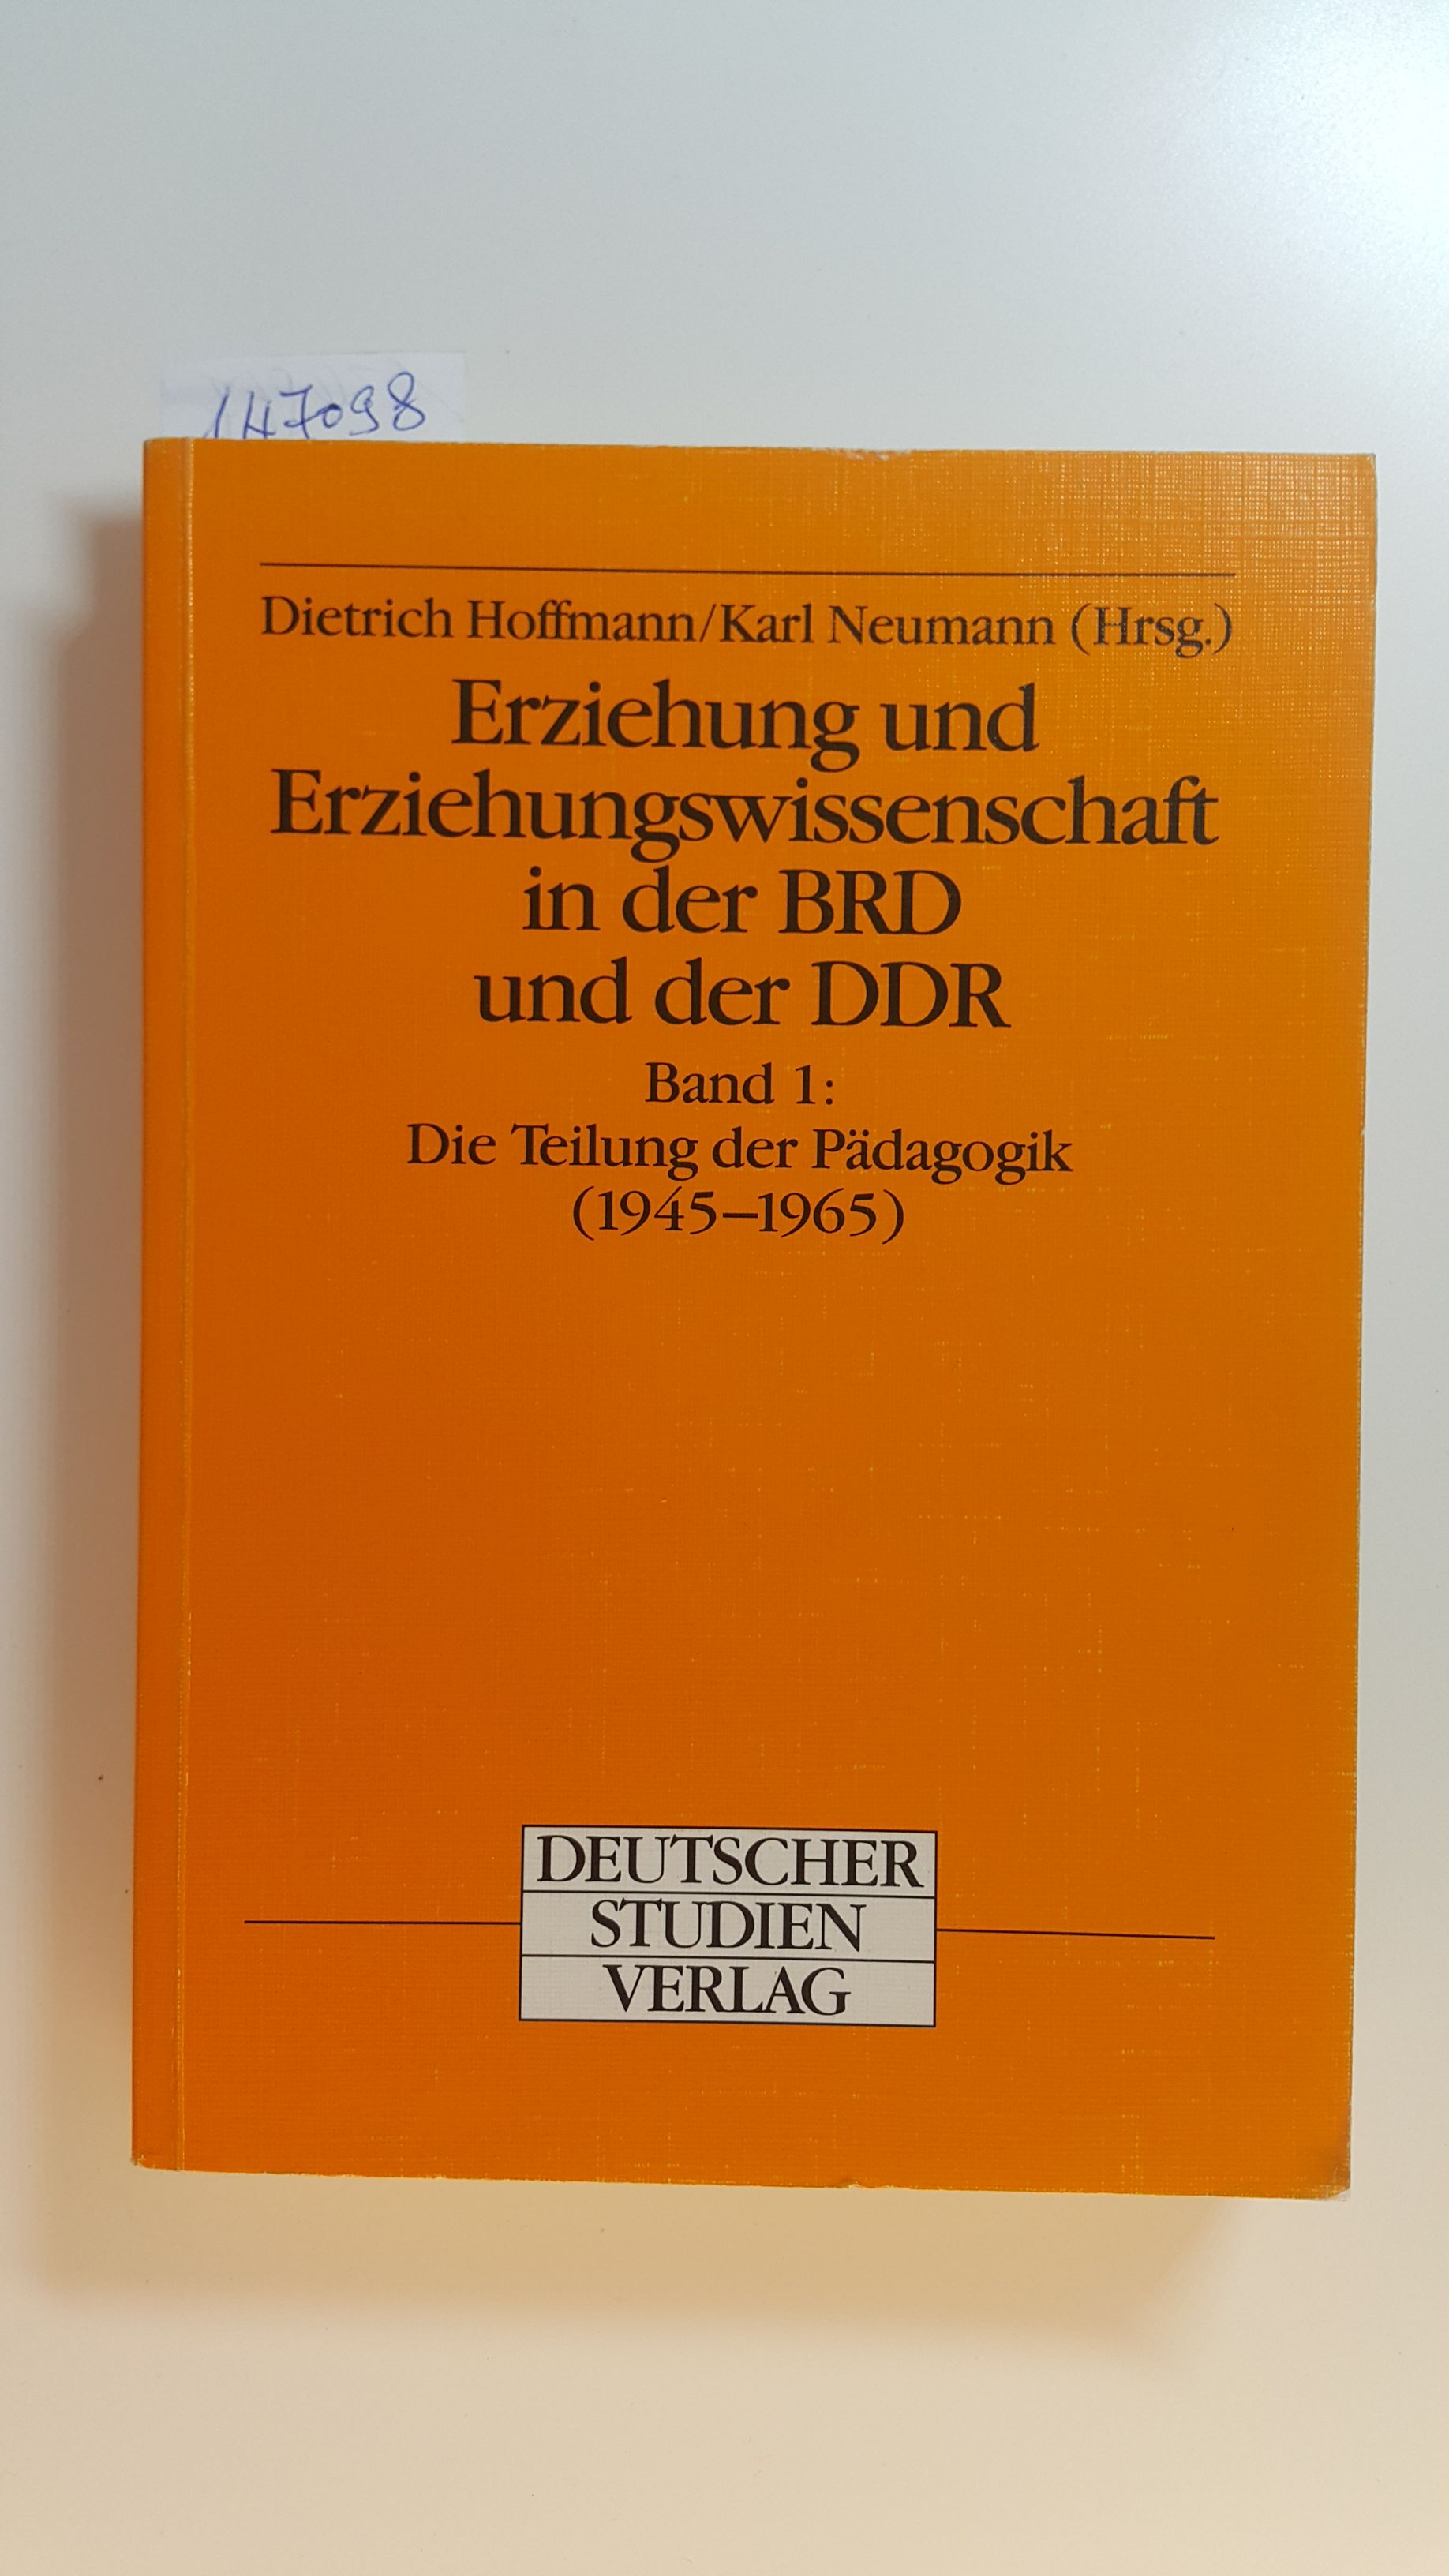 Erziehung und Erziehungswissenschaft in der BRD und der DDR, Bd.1, Die Teilung der Pädagogik (1945-1965), mit Beitr. von Oskar Anweiler . - Anweiler, Oskar [u.a.] ; Hoffmann, Dietrich, u.a. [Hrsg.]